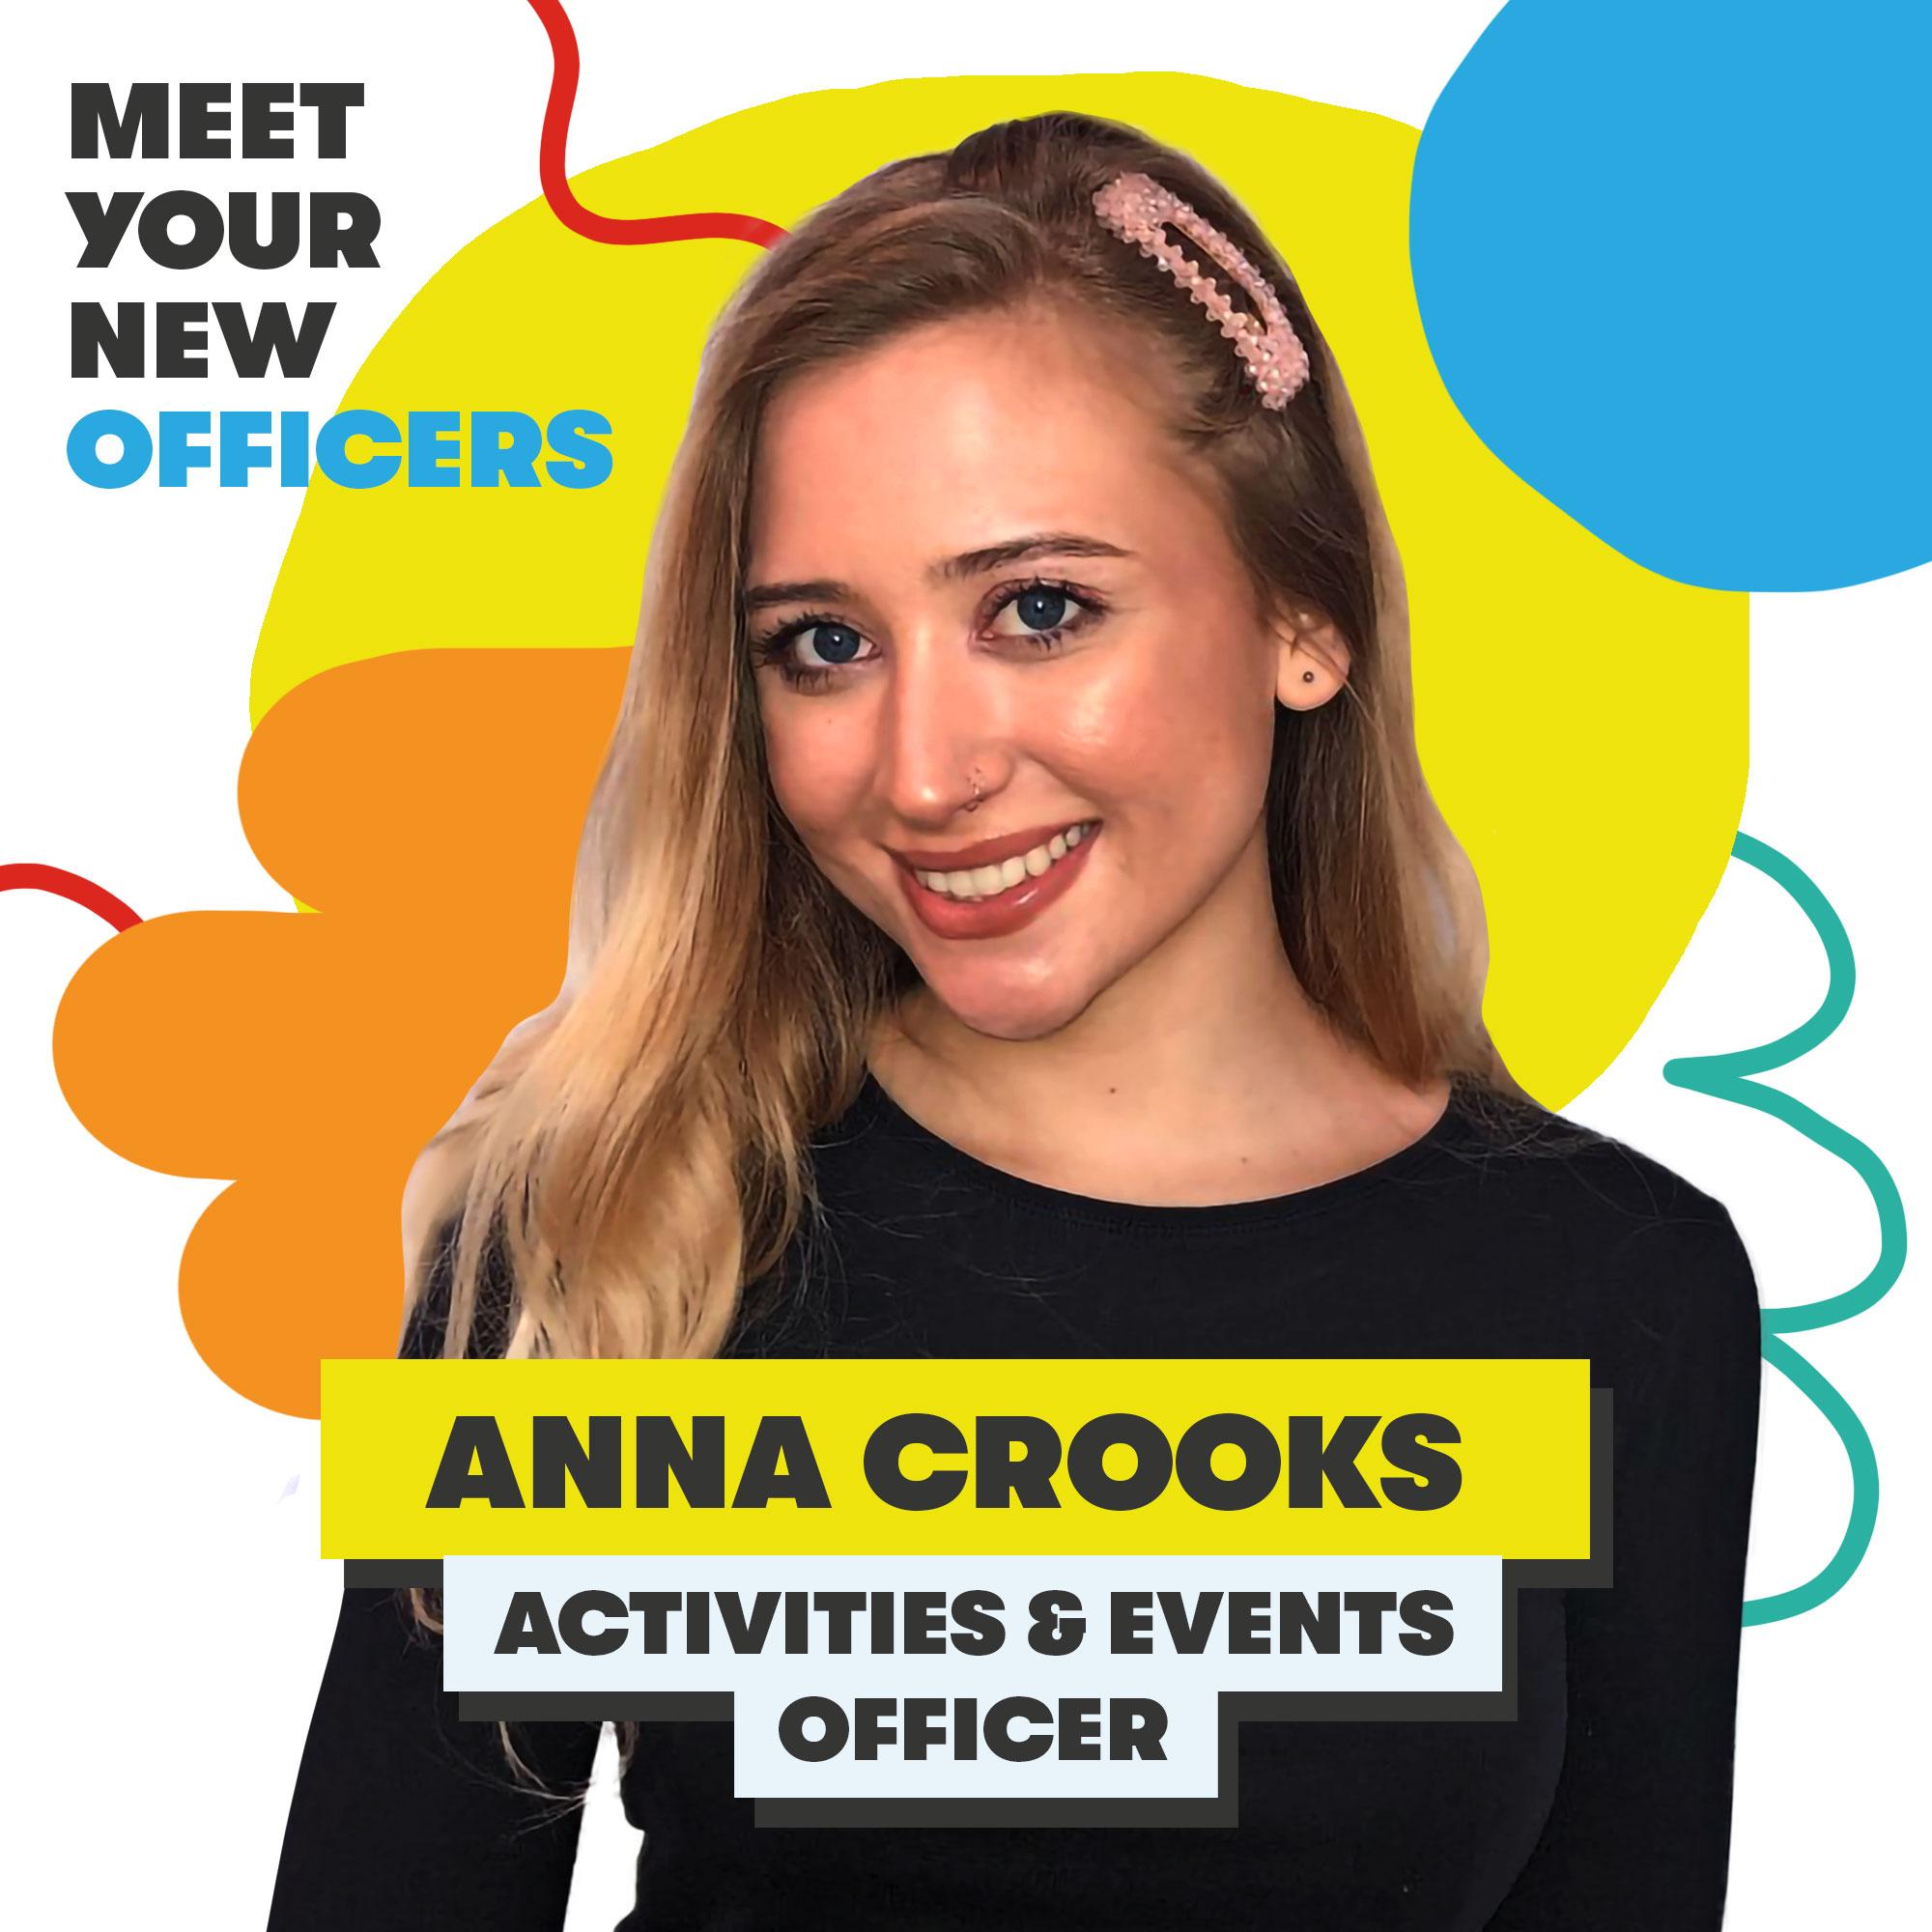 Anna Crooks